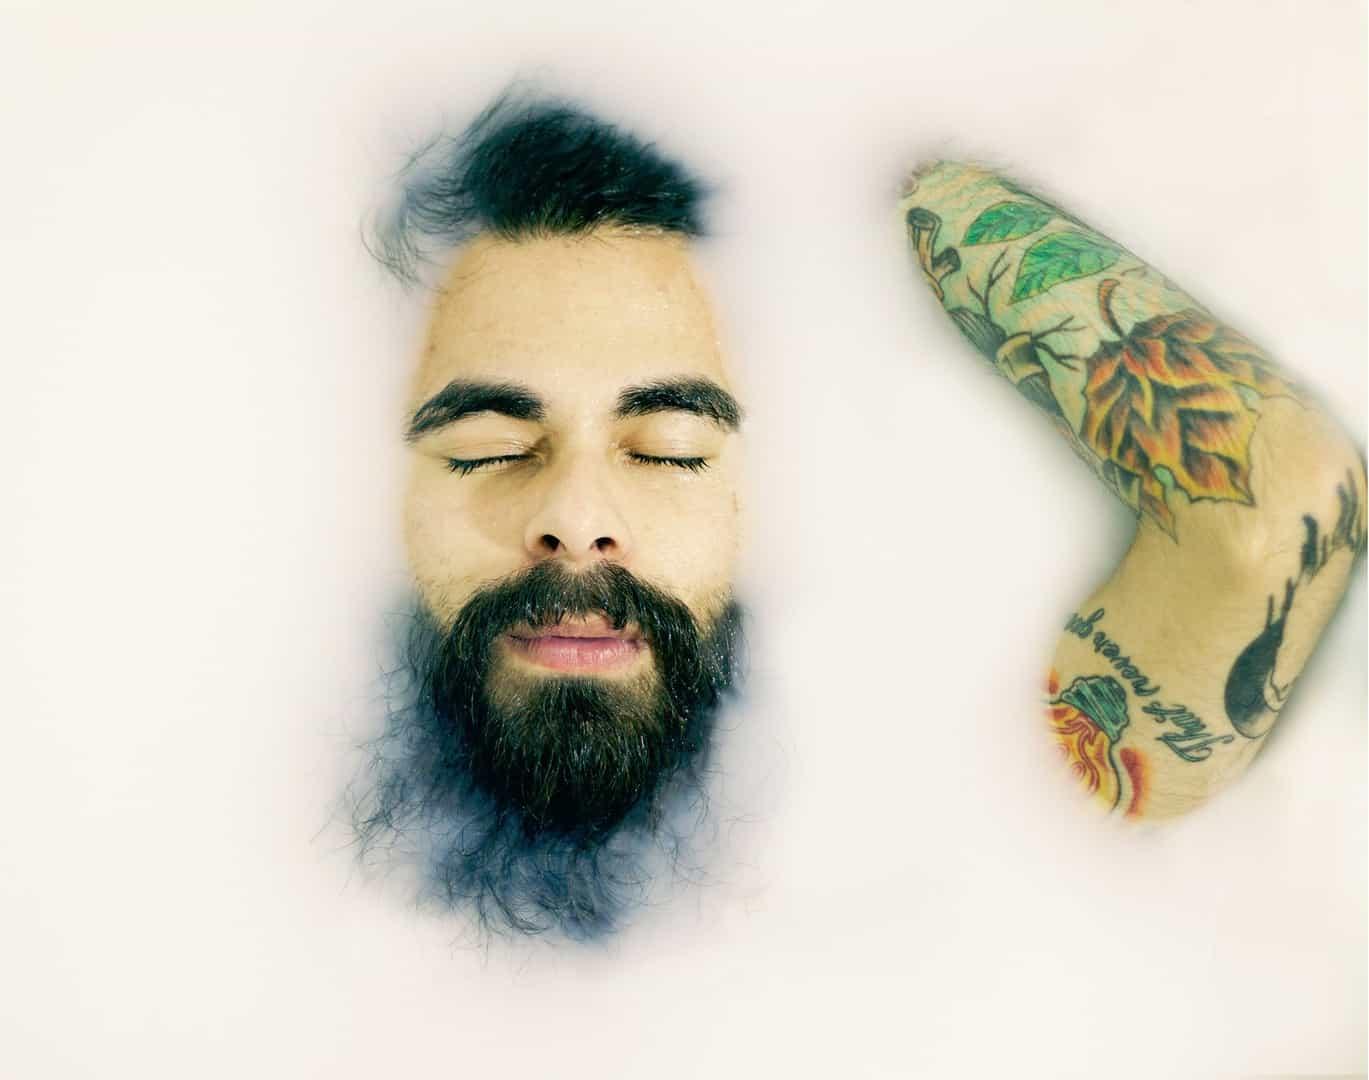 Man with beard in bath